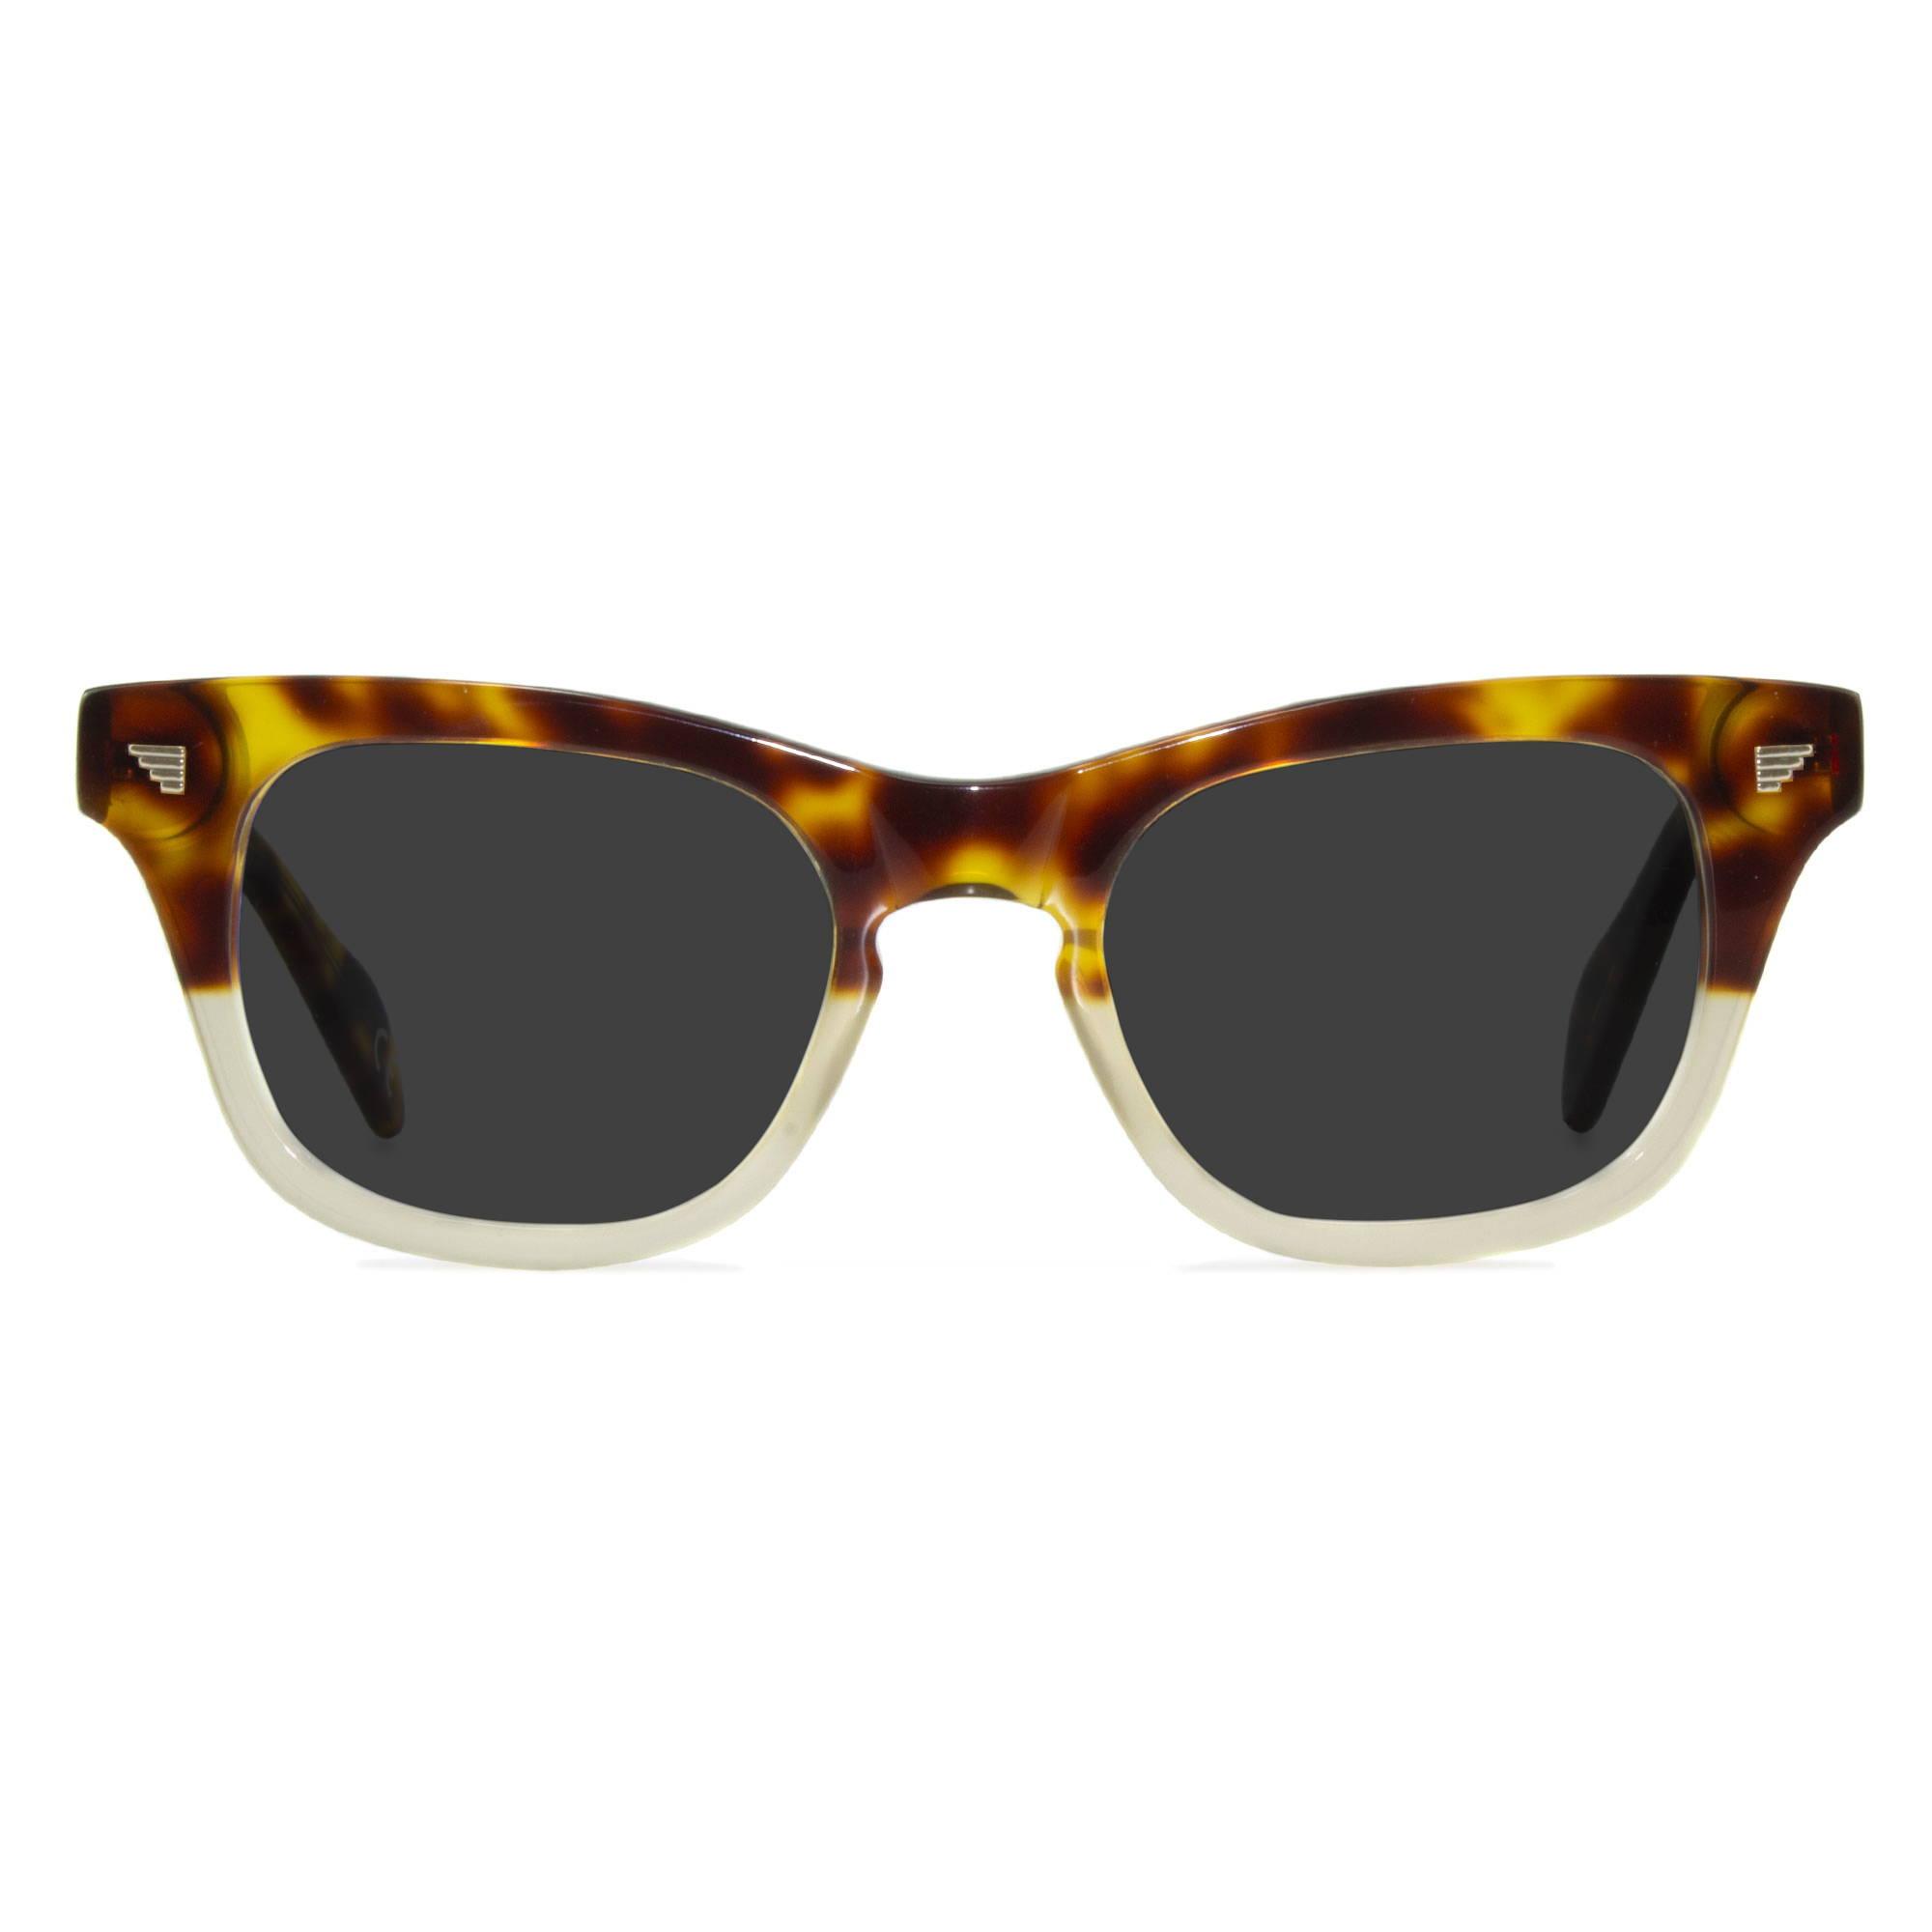 Joiuss russ tortoiseshell sunglasses